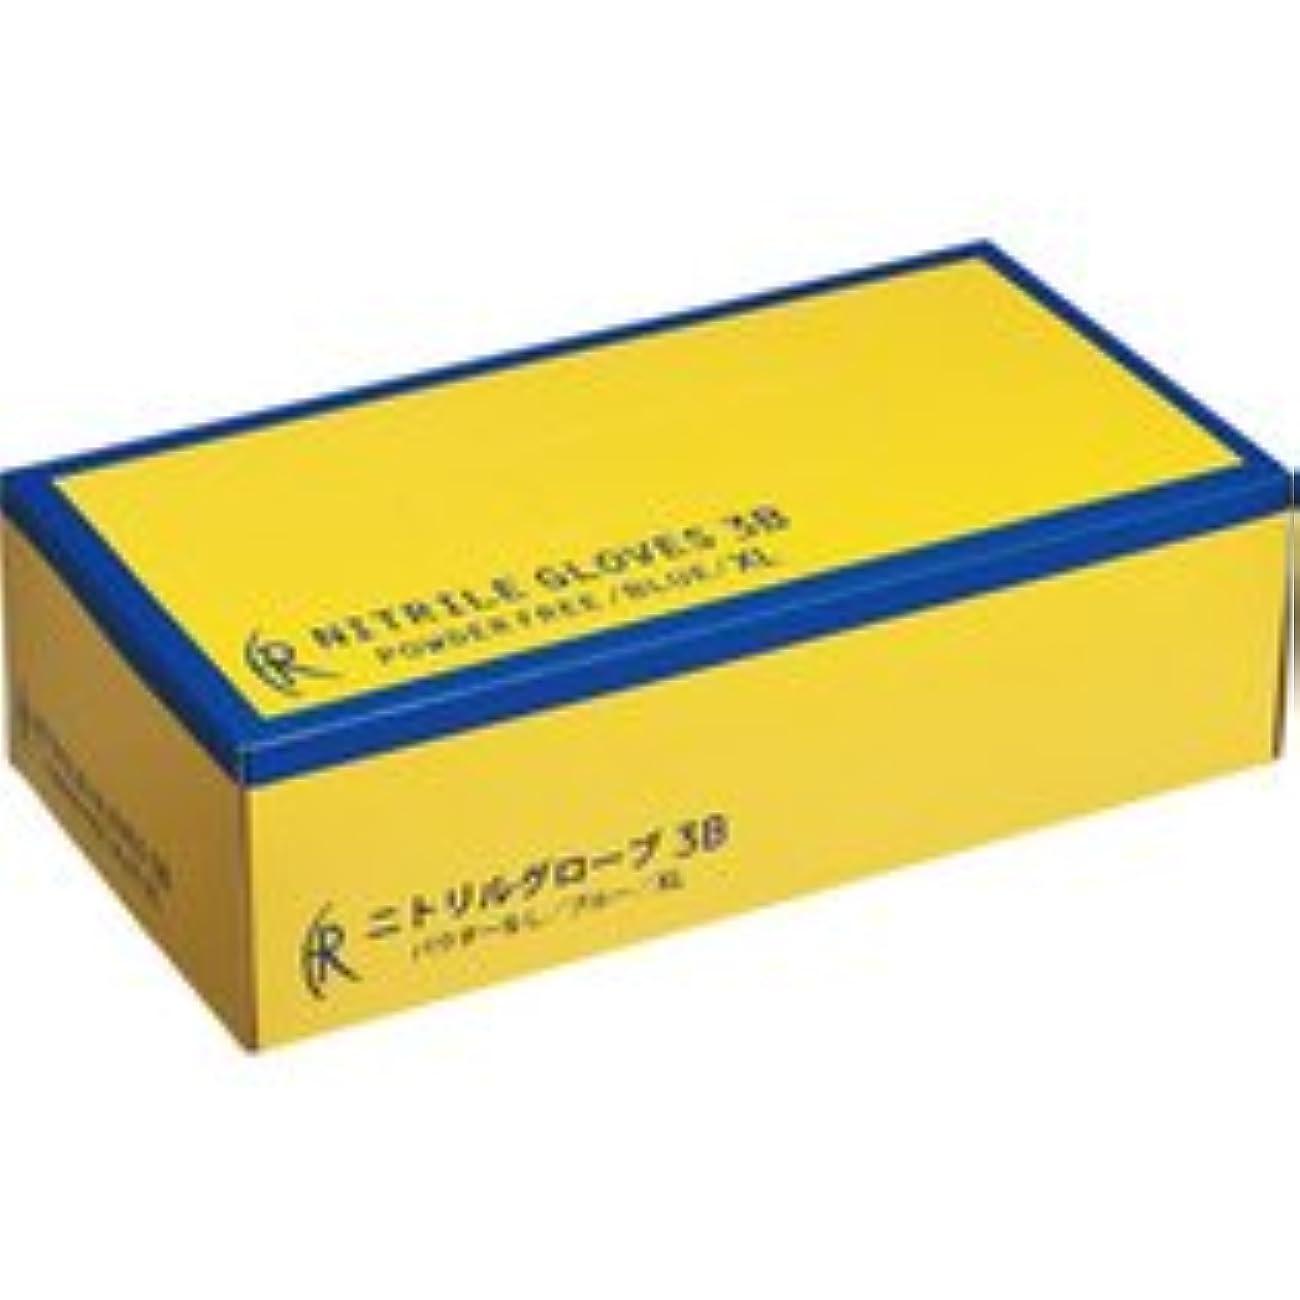 偽善者プレゼント征服ファーストレイト ニトリルグローブ3B パウダーフリー XL FR-5664 1箱(200枚)